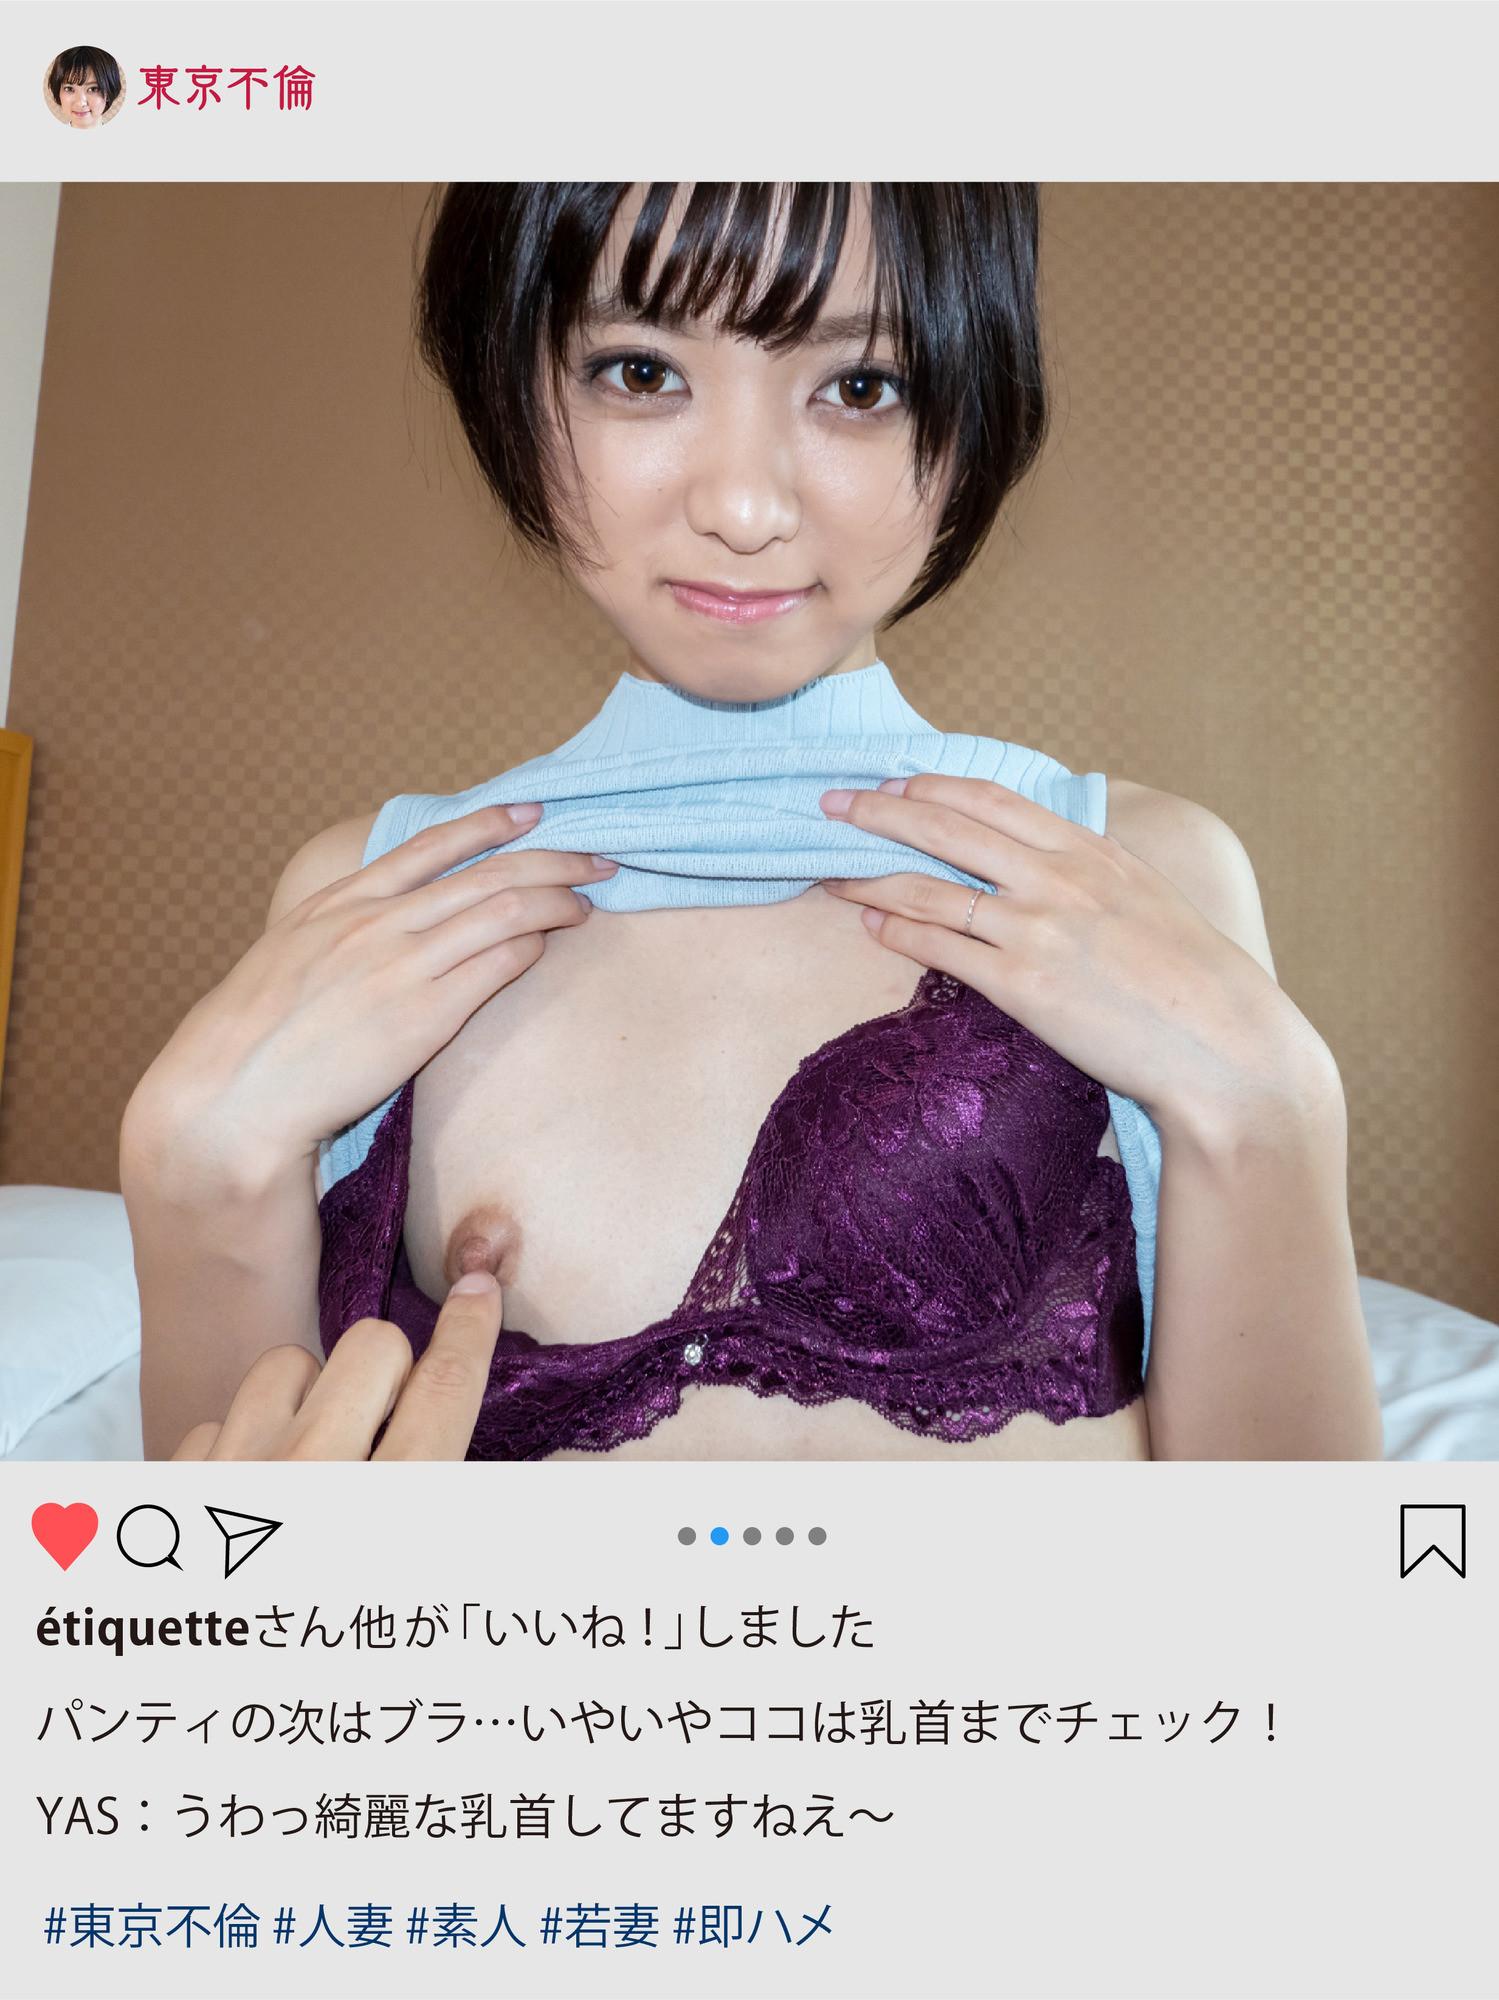 もなさん23歳 キュートで可愛らしい若奥様GET!!